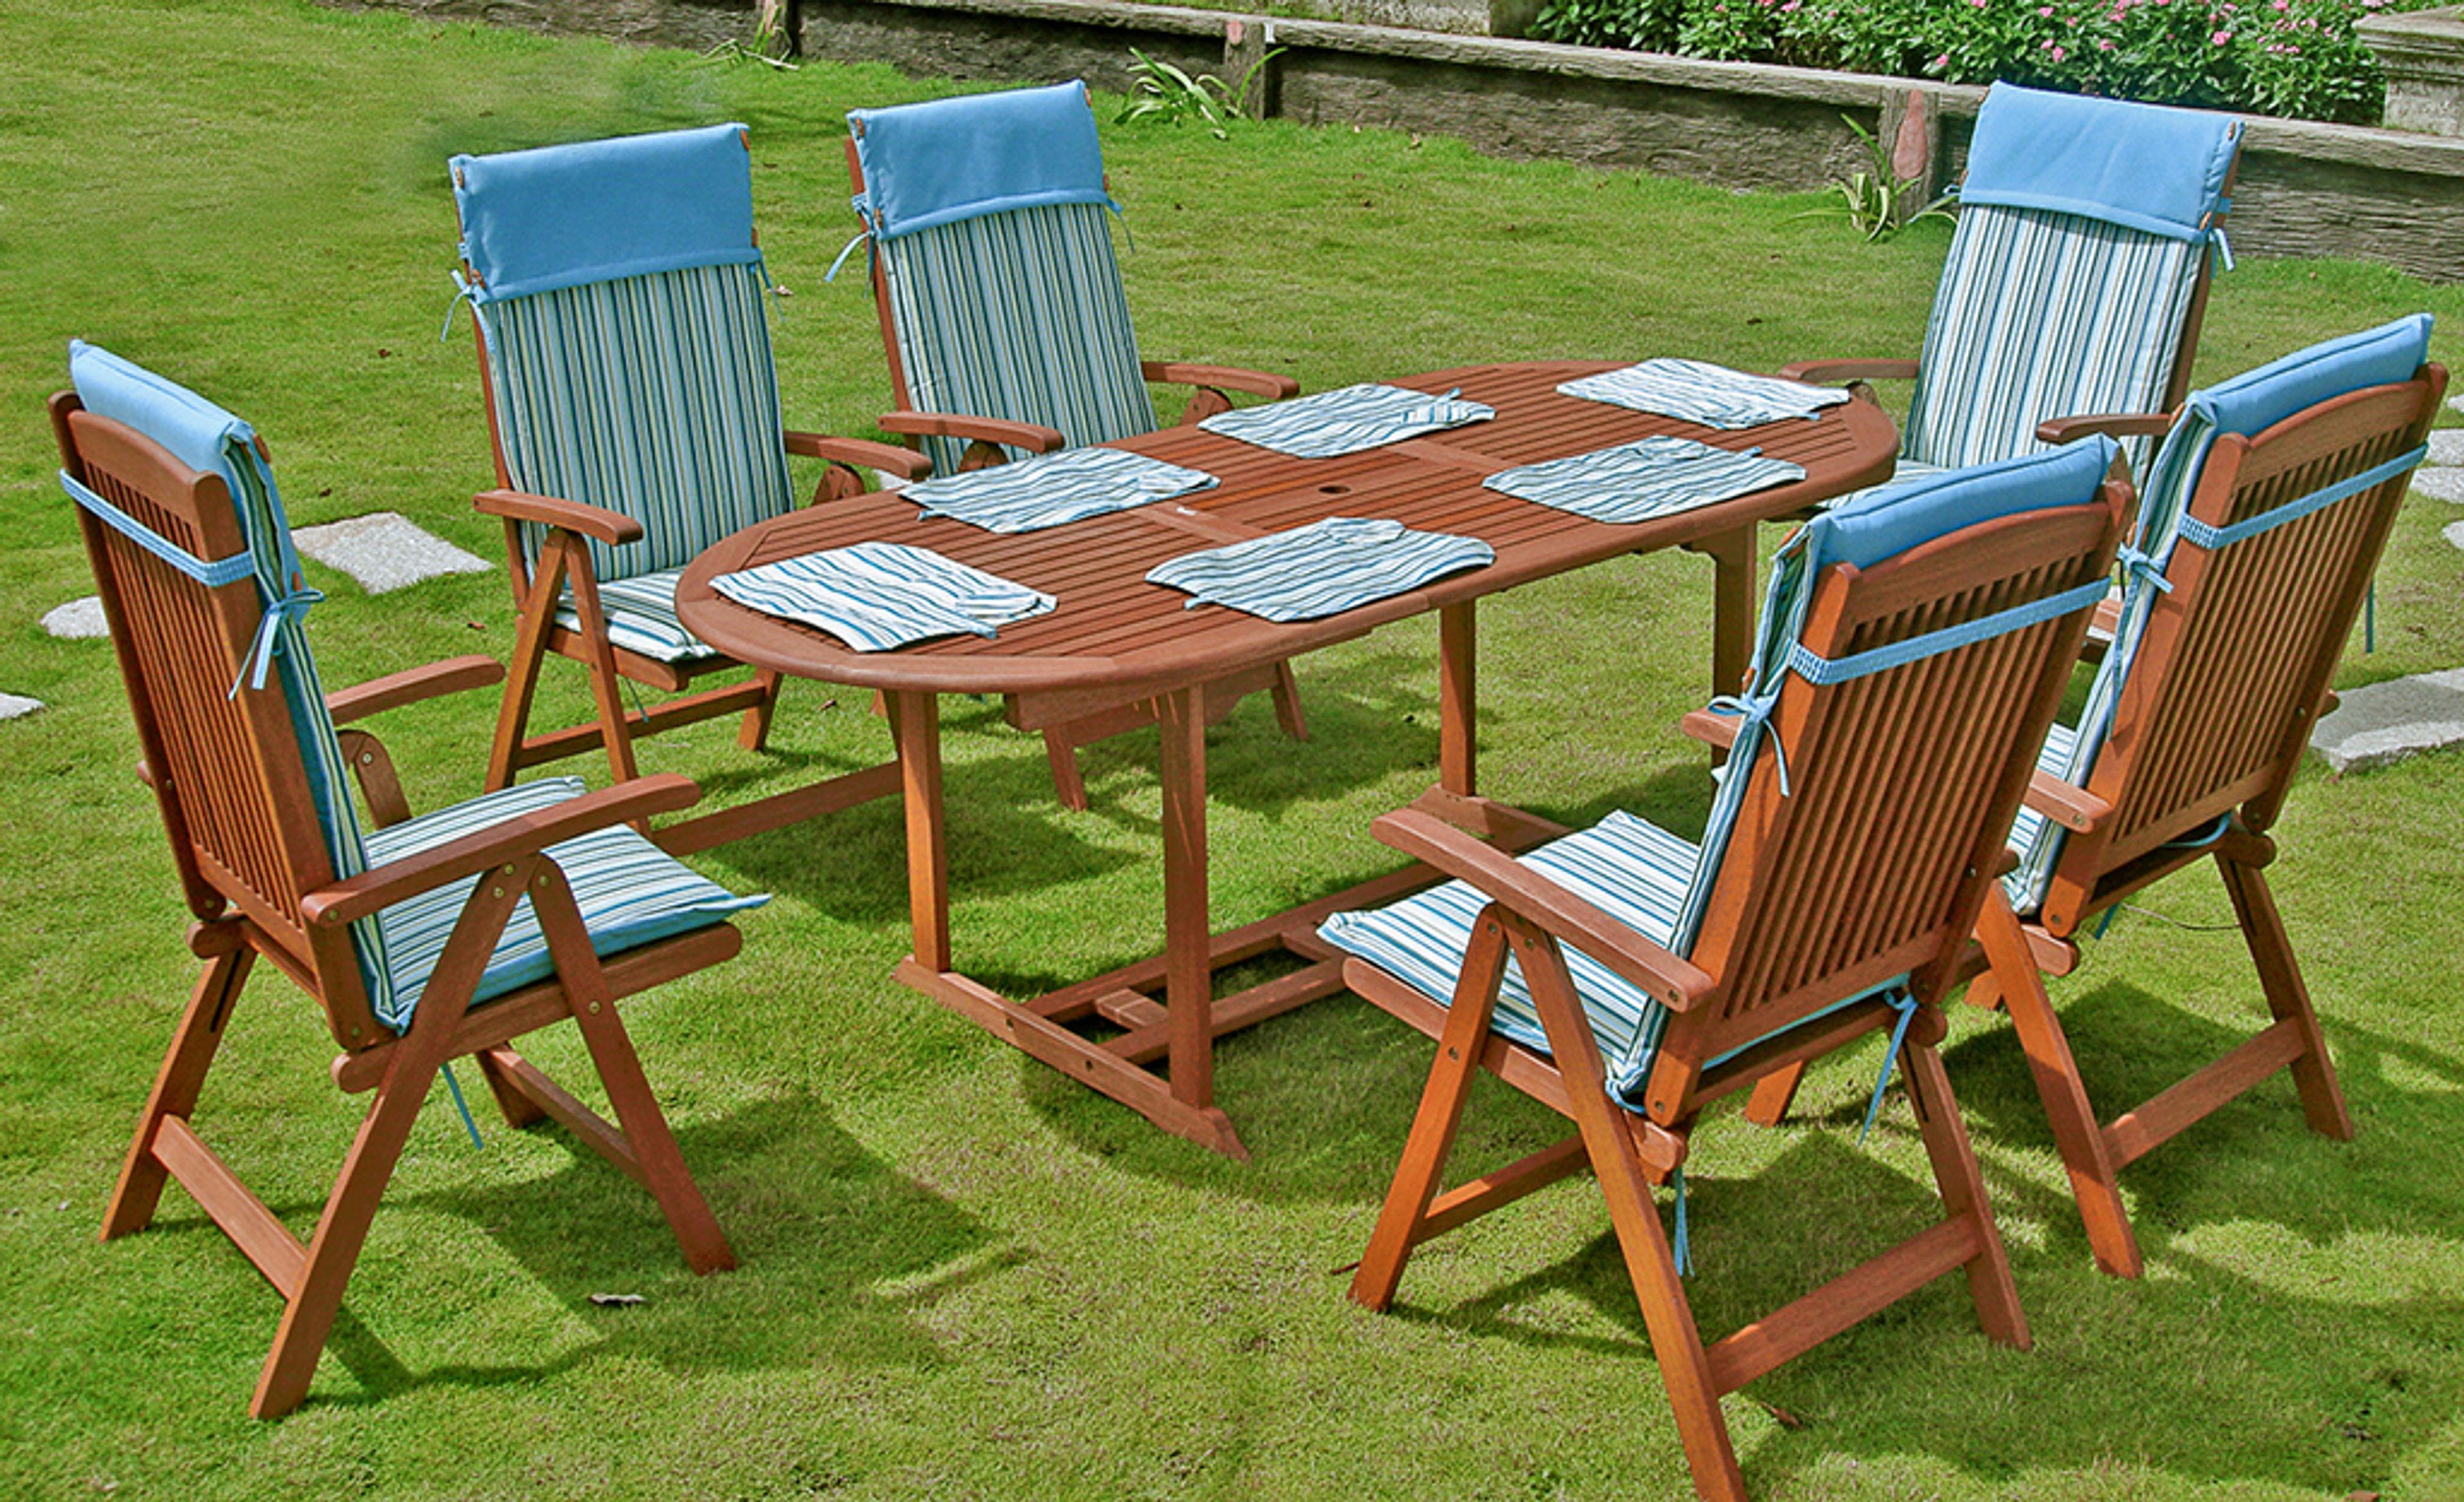 Sitzgruppe Gartentisch Gartengarnitur Garten Möbel Holz Stuhl Tisch